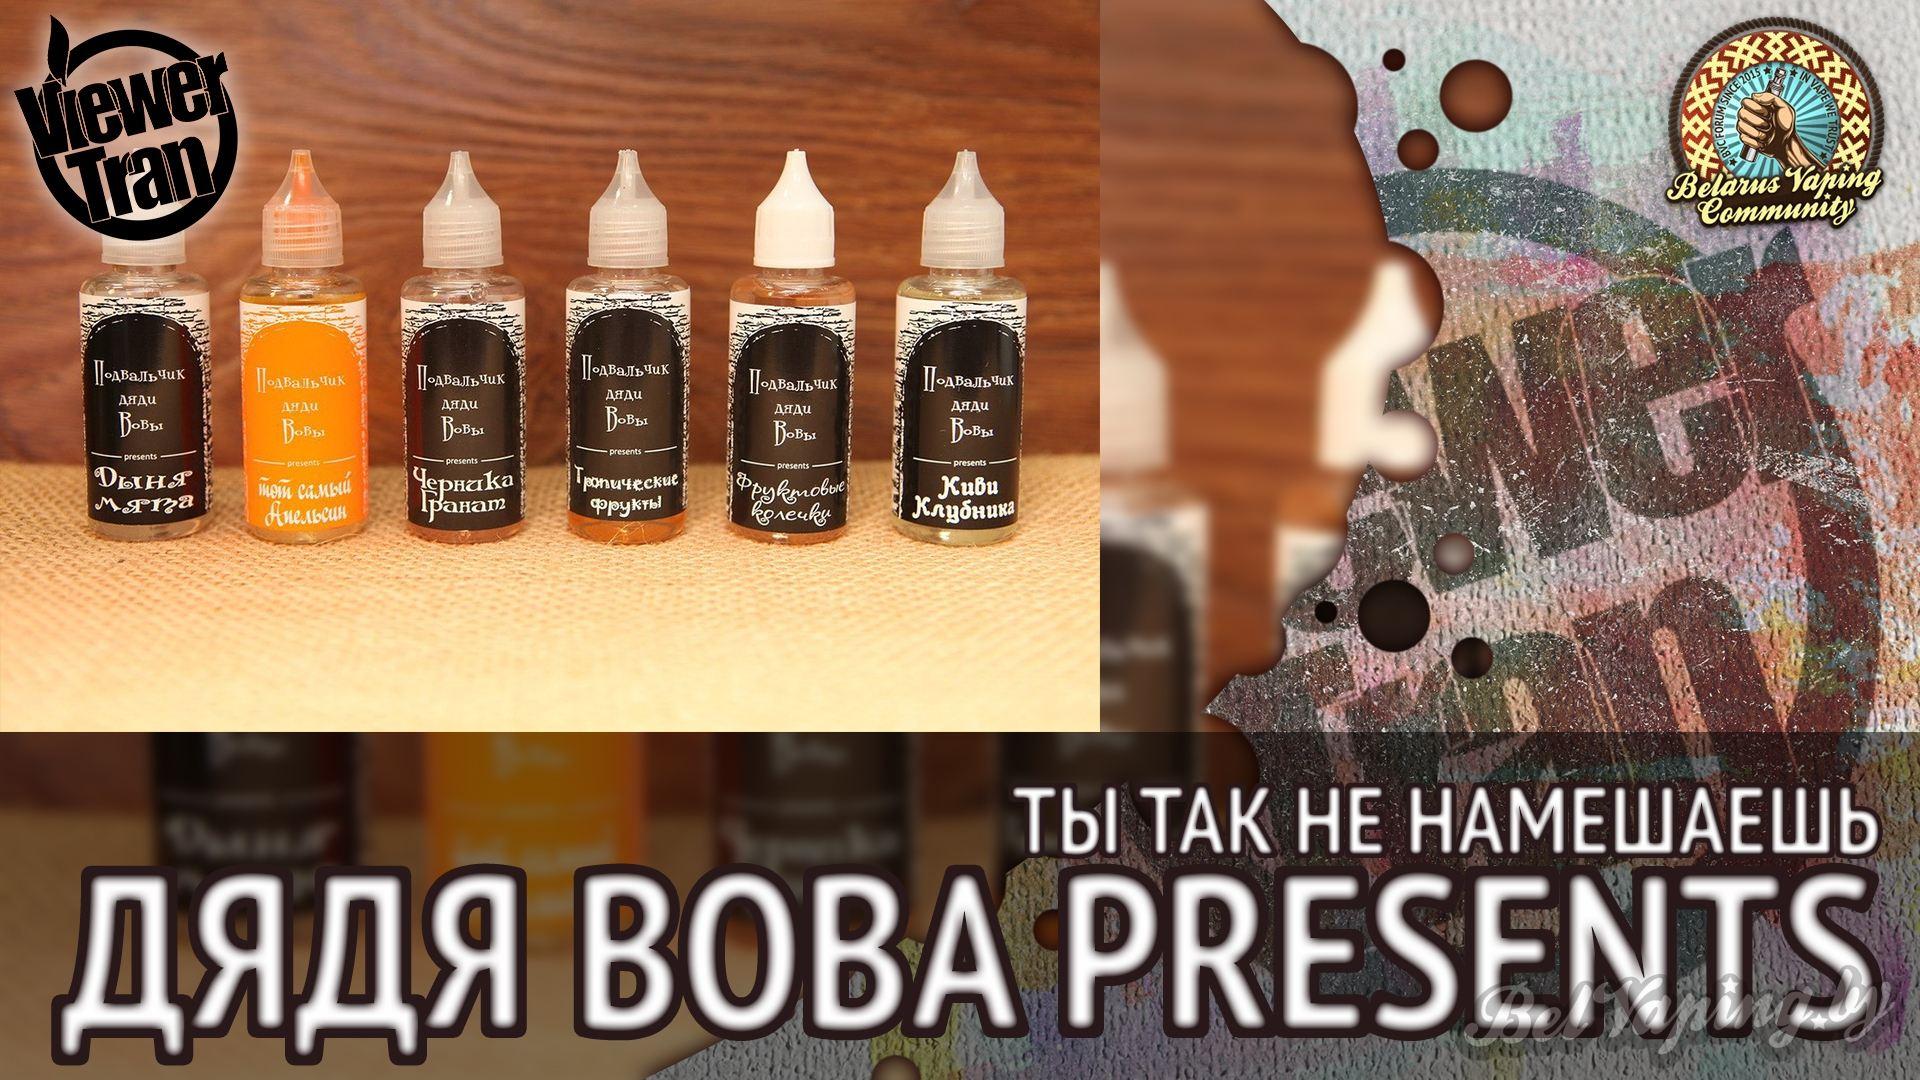 Обзор жидкости Дядя Вова Presents